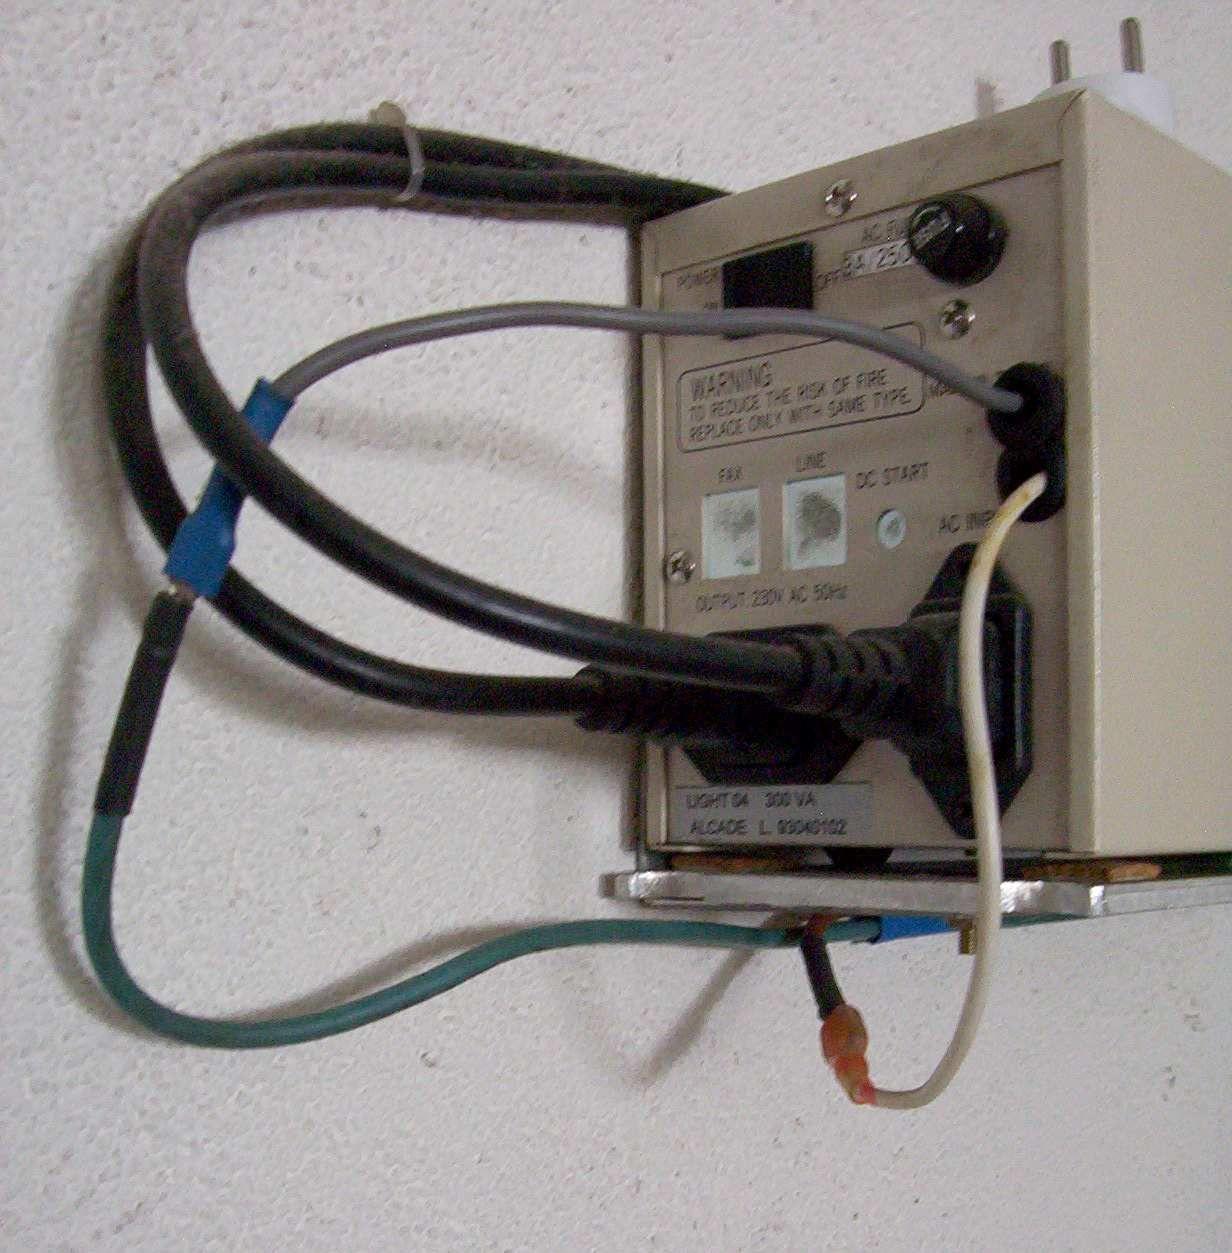 0700c4257a3048 soigneusement tout ce qui a été démonté puis vous sortirez les deux fils de  la batterie (De longueur différente ainsi que déjà évoqué).